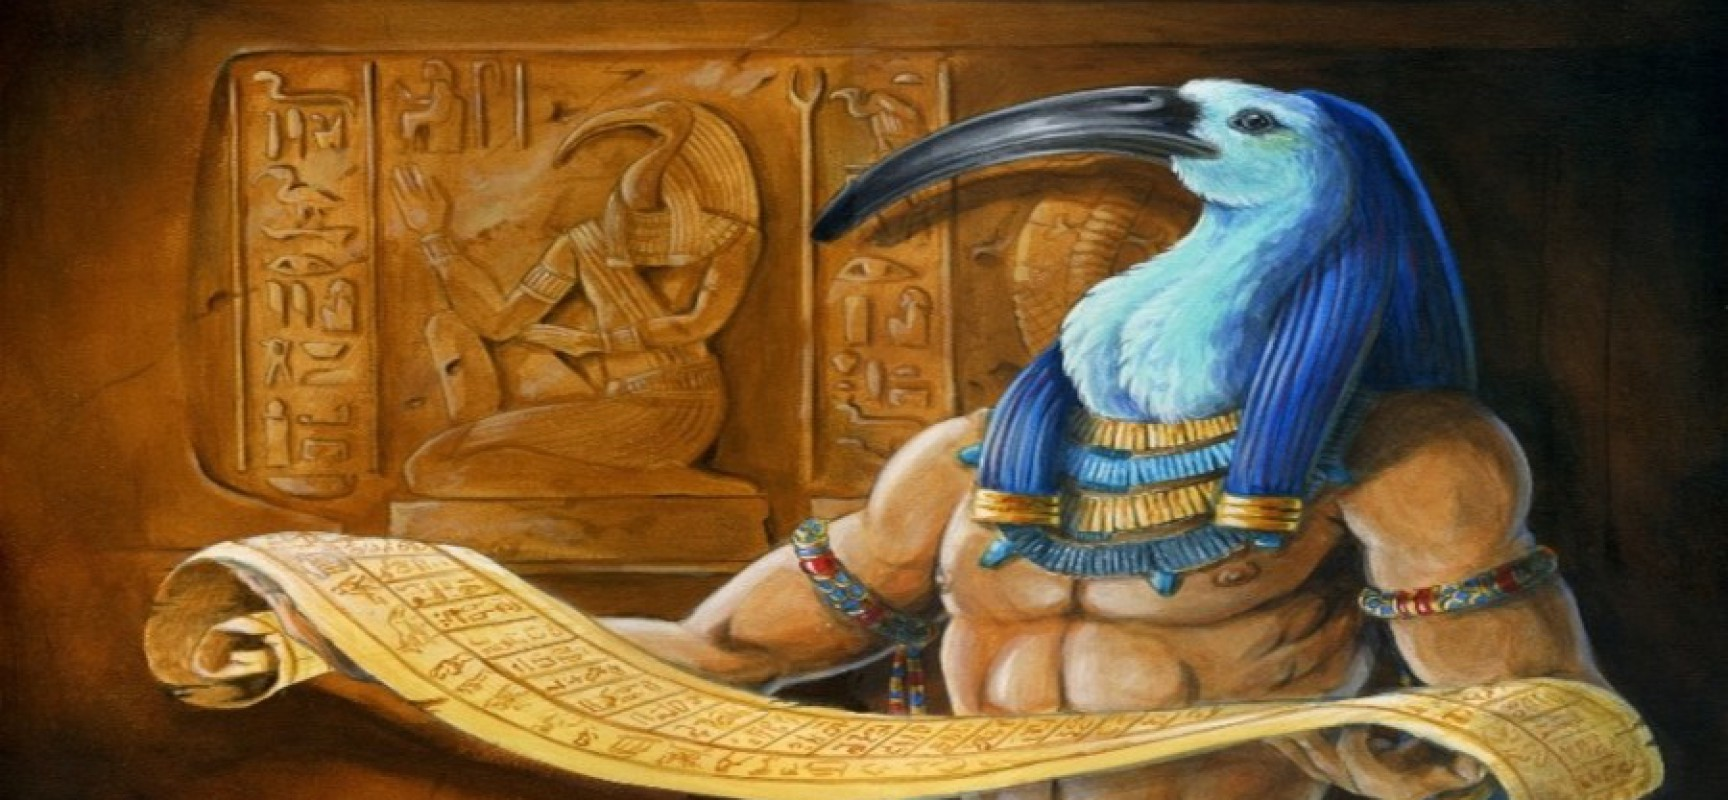 Le Livre de Thot: Un livre sacré égyptien ancien qui offre des connaissances illimitées